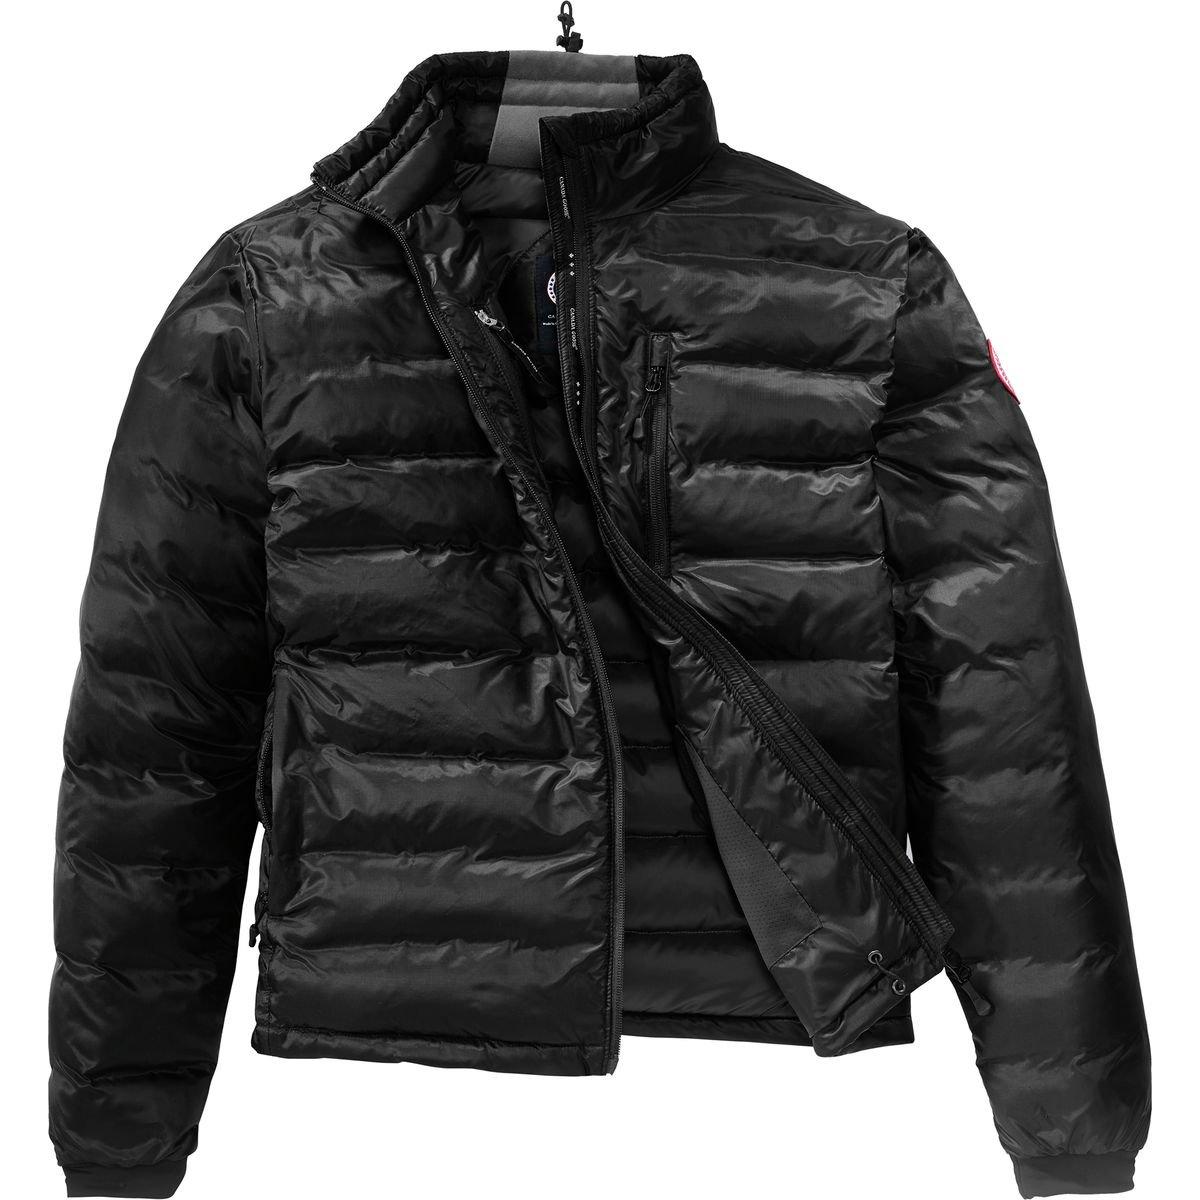 (カナダグース)Canada Goose Lodge Down Jacket メンズ ジャケットBlack/Black [並行輸入品] B077MZVJL3 日本サイズ L (US M)|Black/Black Black/Black 日本サイズ L (US M)